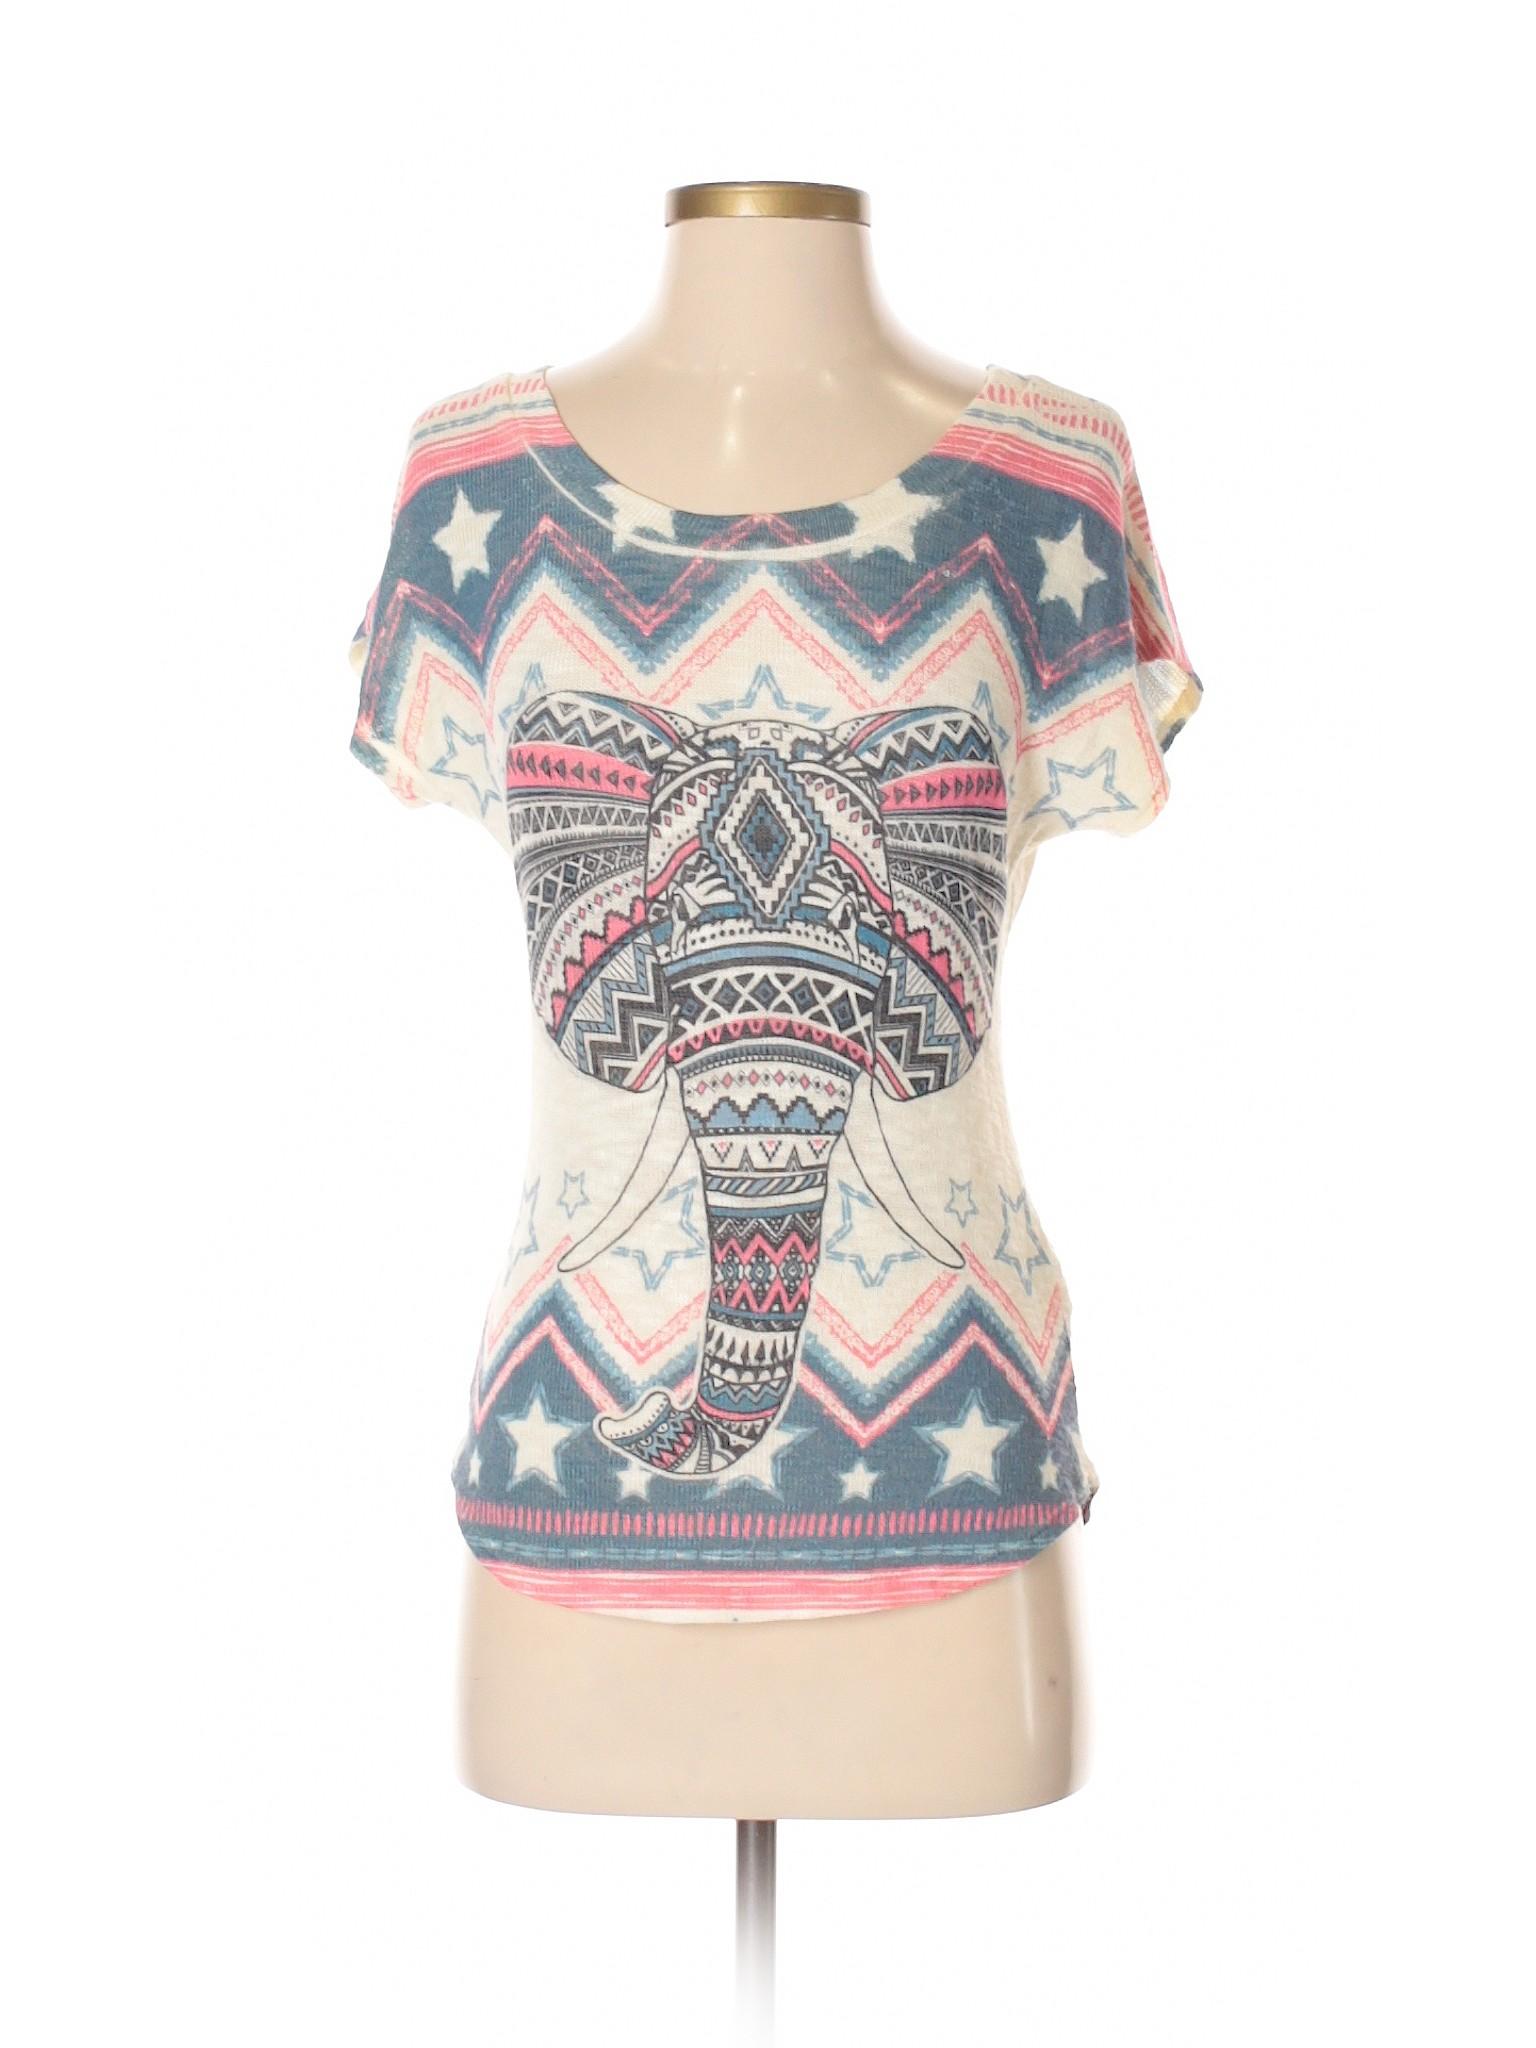 Boutique Gaze Gaze Pullover Gaze Pullover Sweater Gaze Boutique Pullover Sweater Sweater Boutique Boutique r6q6wnSA8B